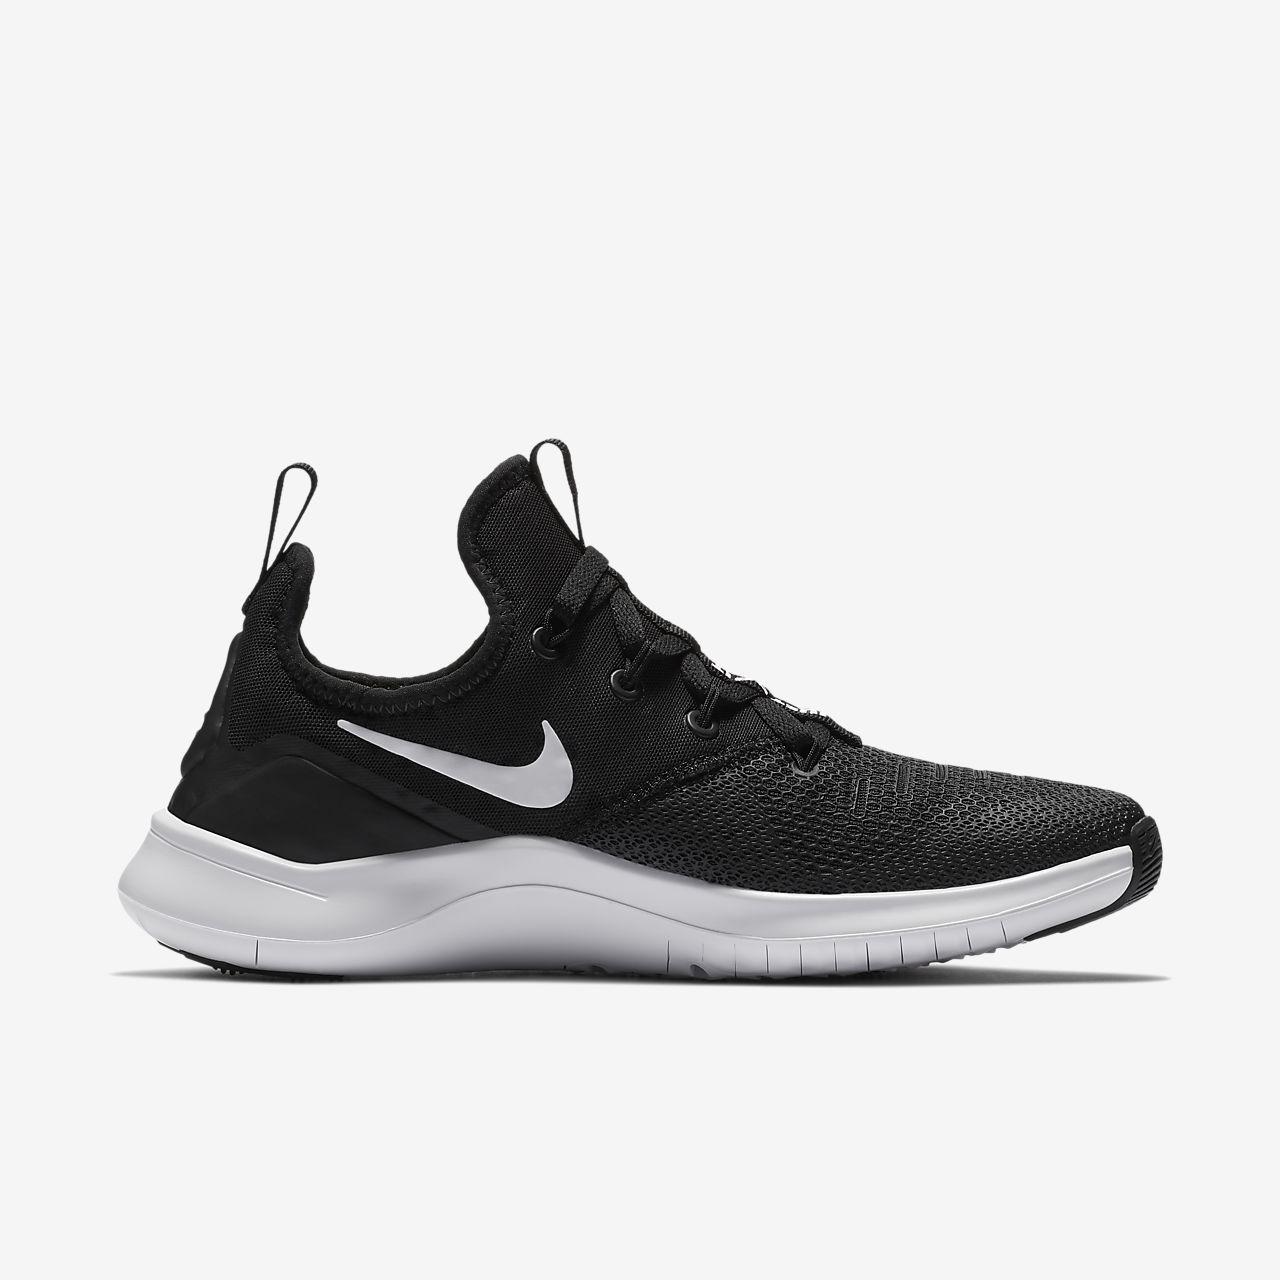 buy online 47b42 63214 Chaussure de cross-training, HIIT et fitness pour Femme. Nike Free TR8. 978  Dh. 1 219 Dh